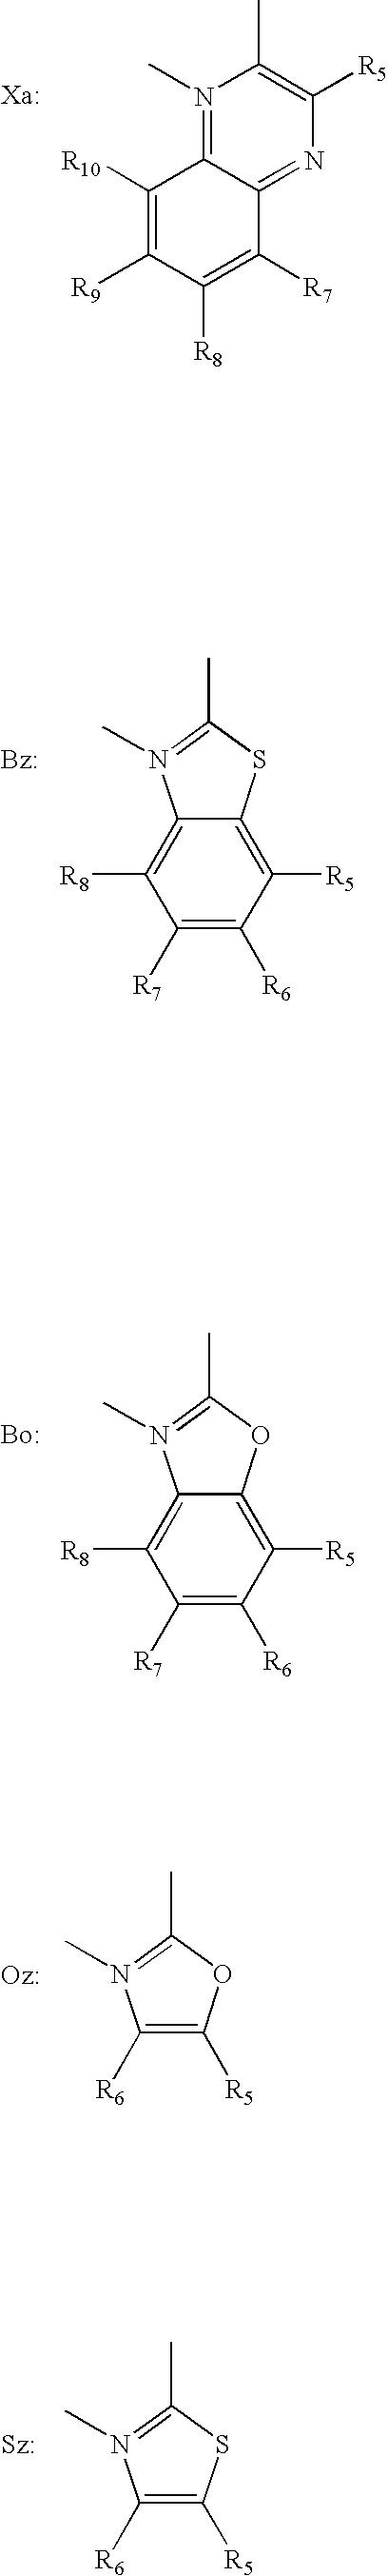 Figure US07544426-20090609-C00012